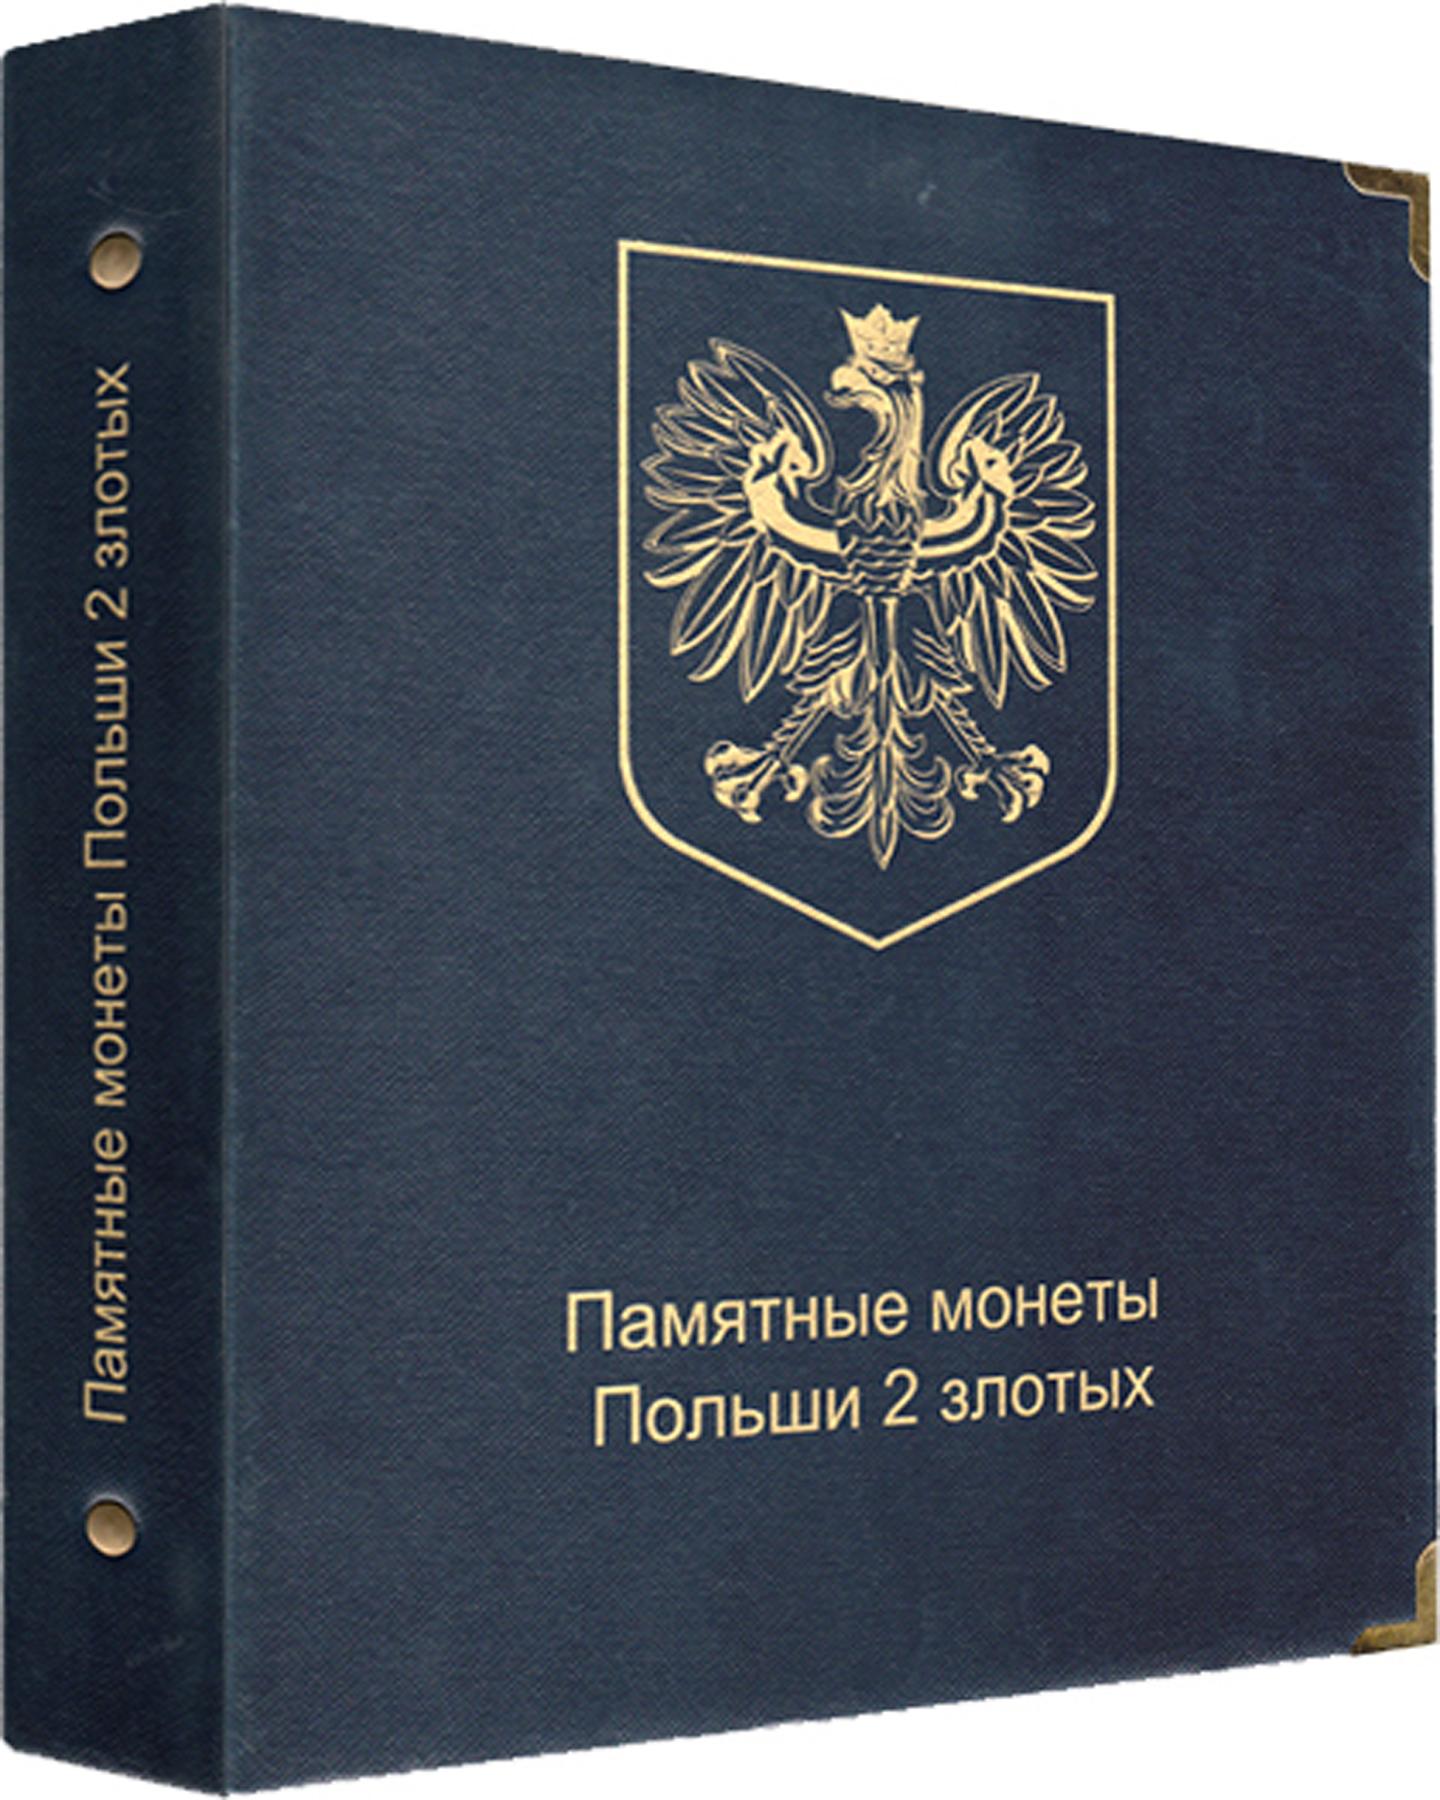 Альбомы 2 злотых монета 5 рублей архангельский собор 1991